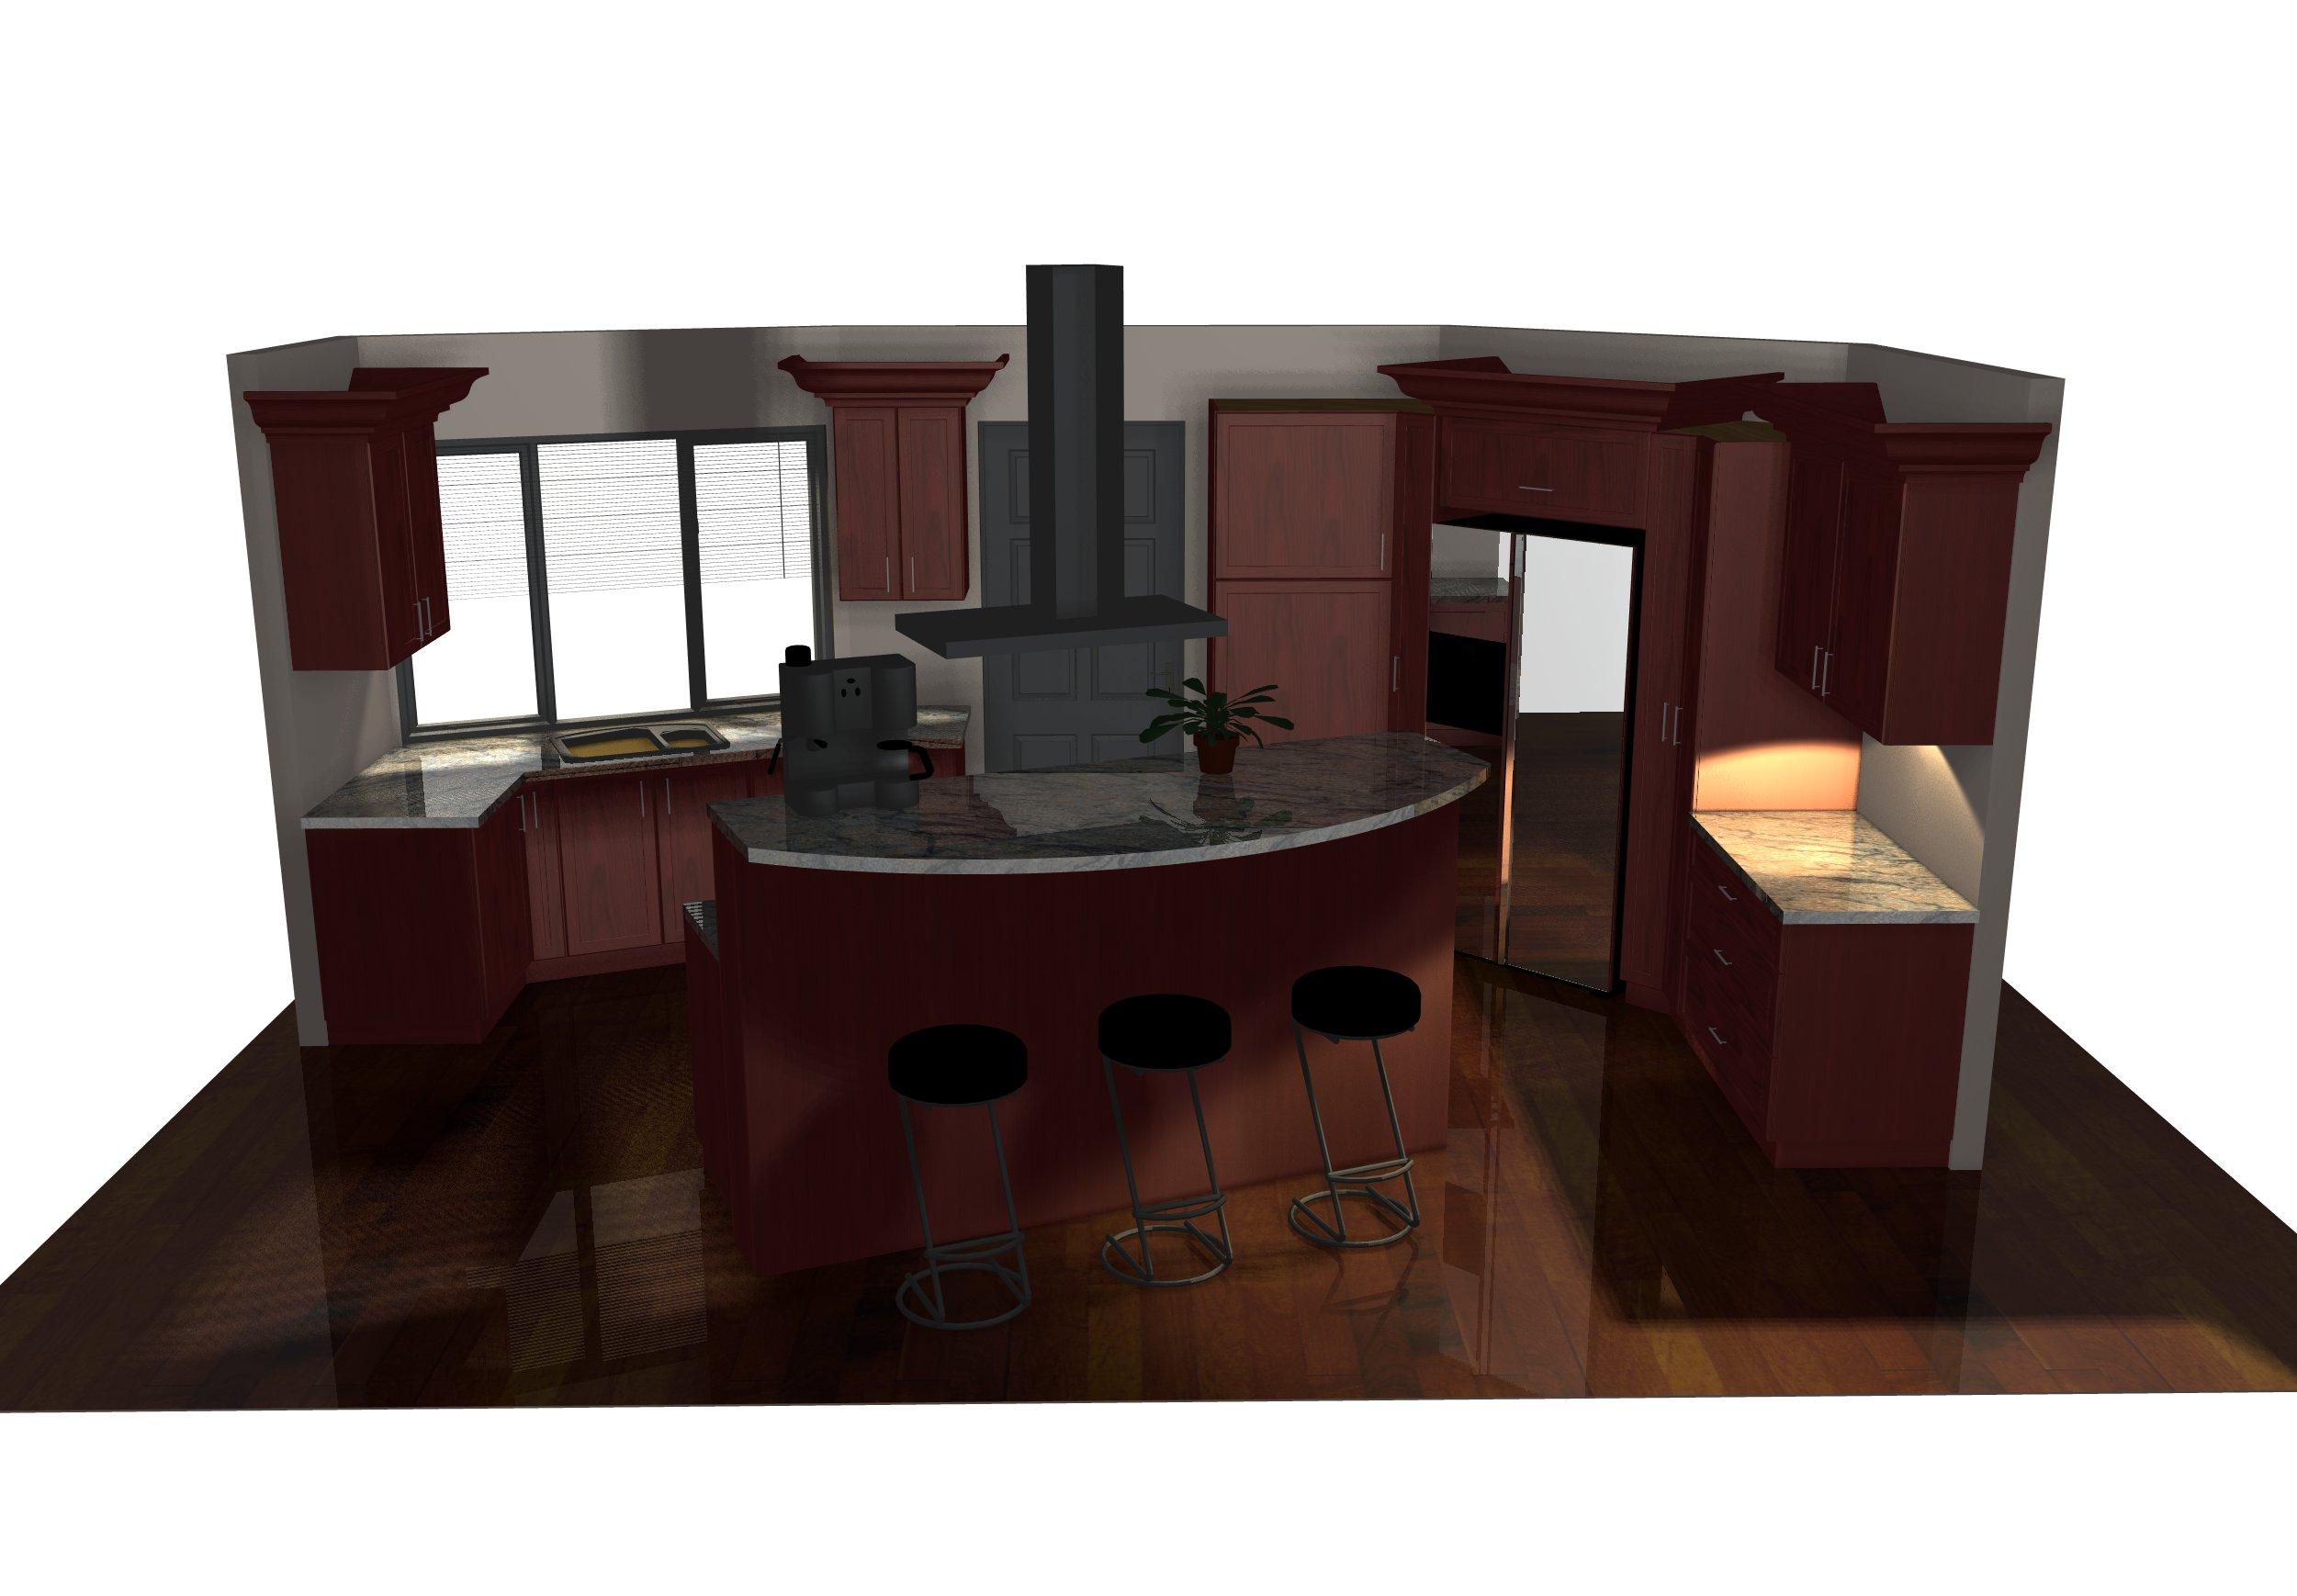 Logiciel Pour Conception Cuisine cabinet vision- logiciel de conception: galerie de rendus 3d